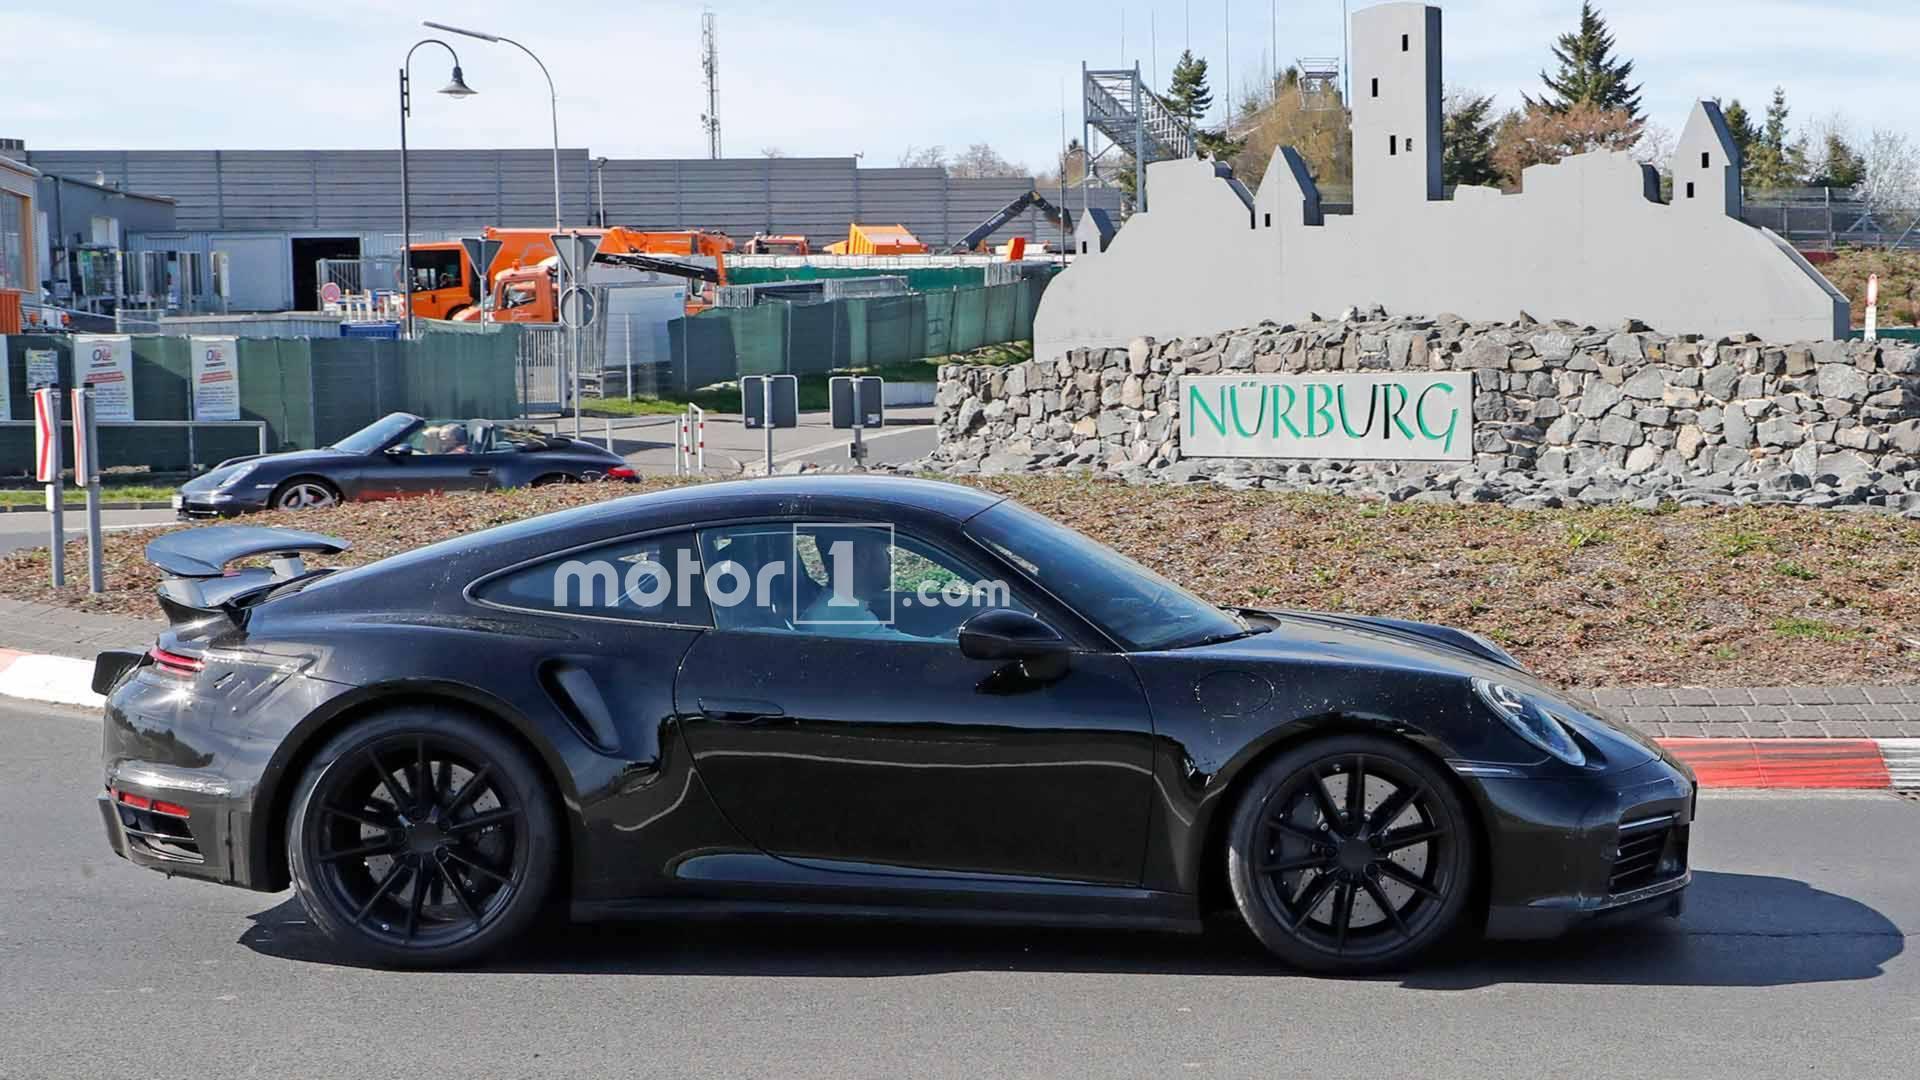 2018 - [Porsche] 911 - Page 6 Next-gen-porsche-911-turbo